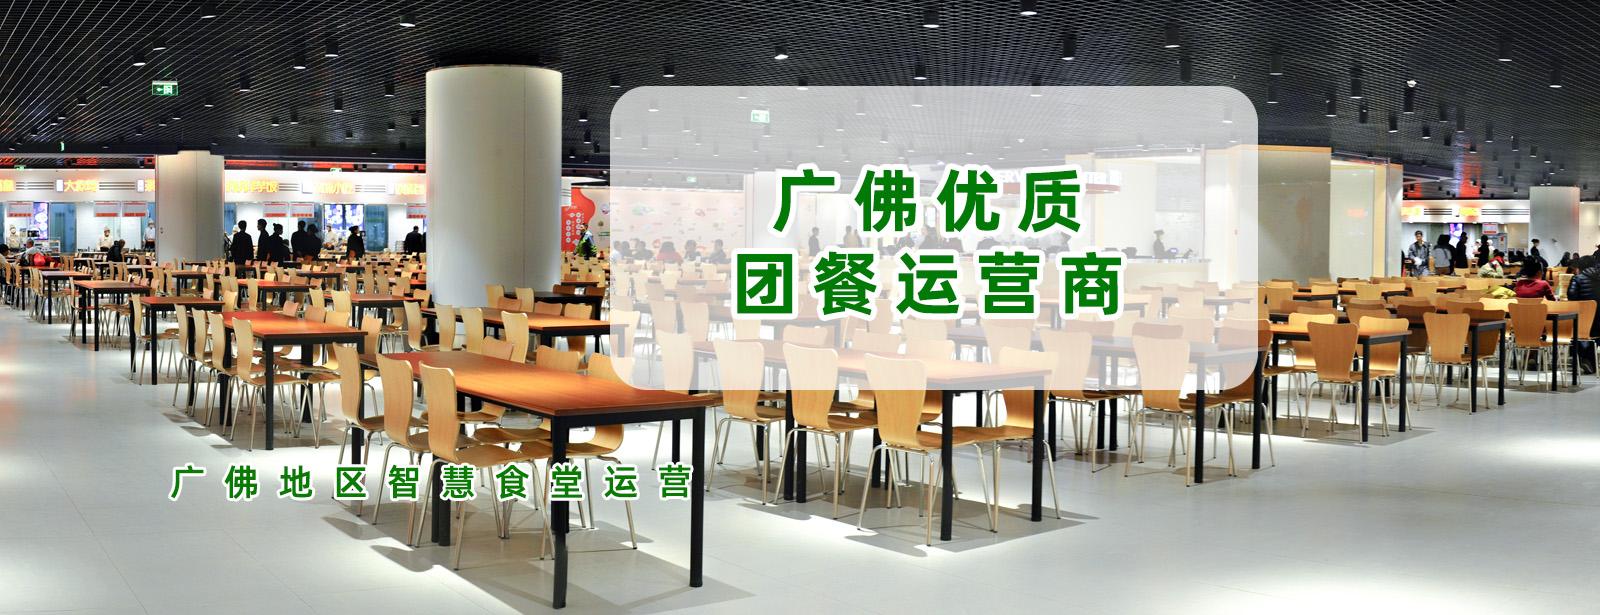 广州食堂业务